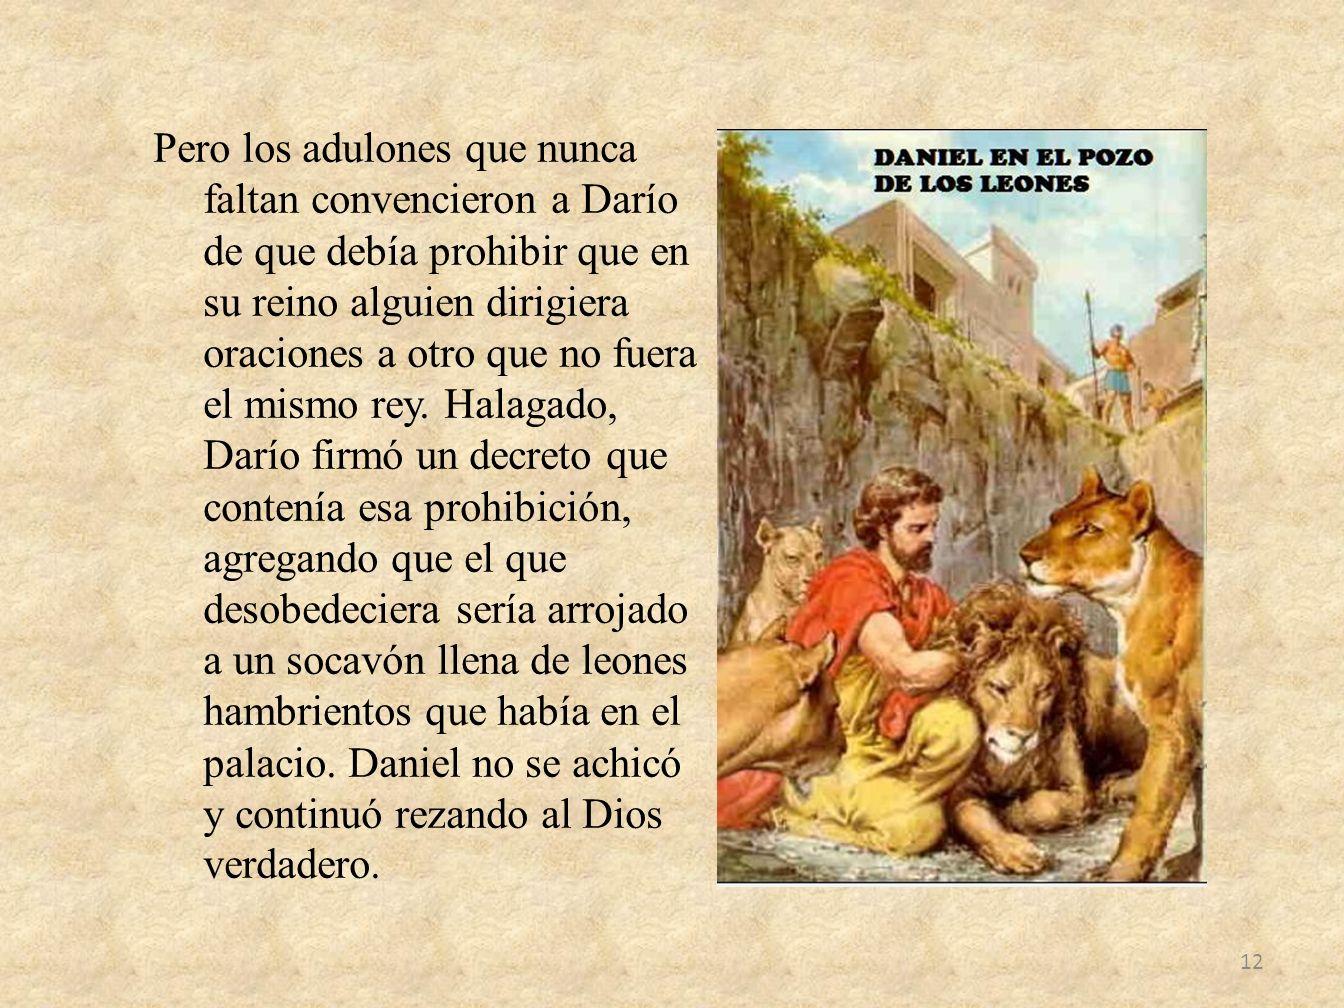 Pero los adulones que nunca faltan convencieron a Darío de que debía prohibir que en su reino alguien dirigiera oraciones a otro que no fuera el mismo